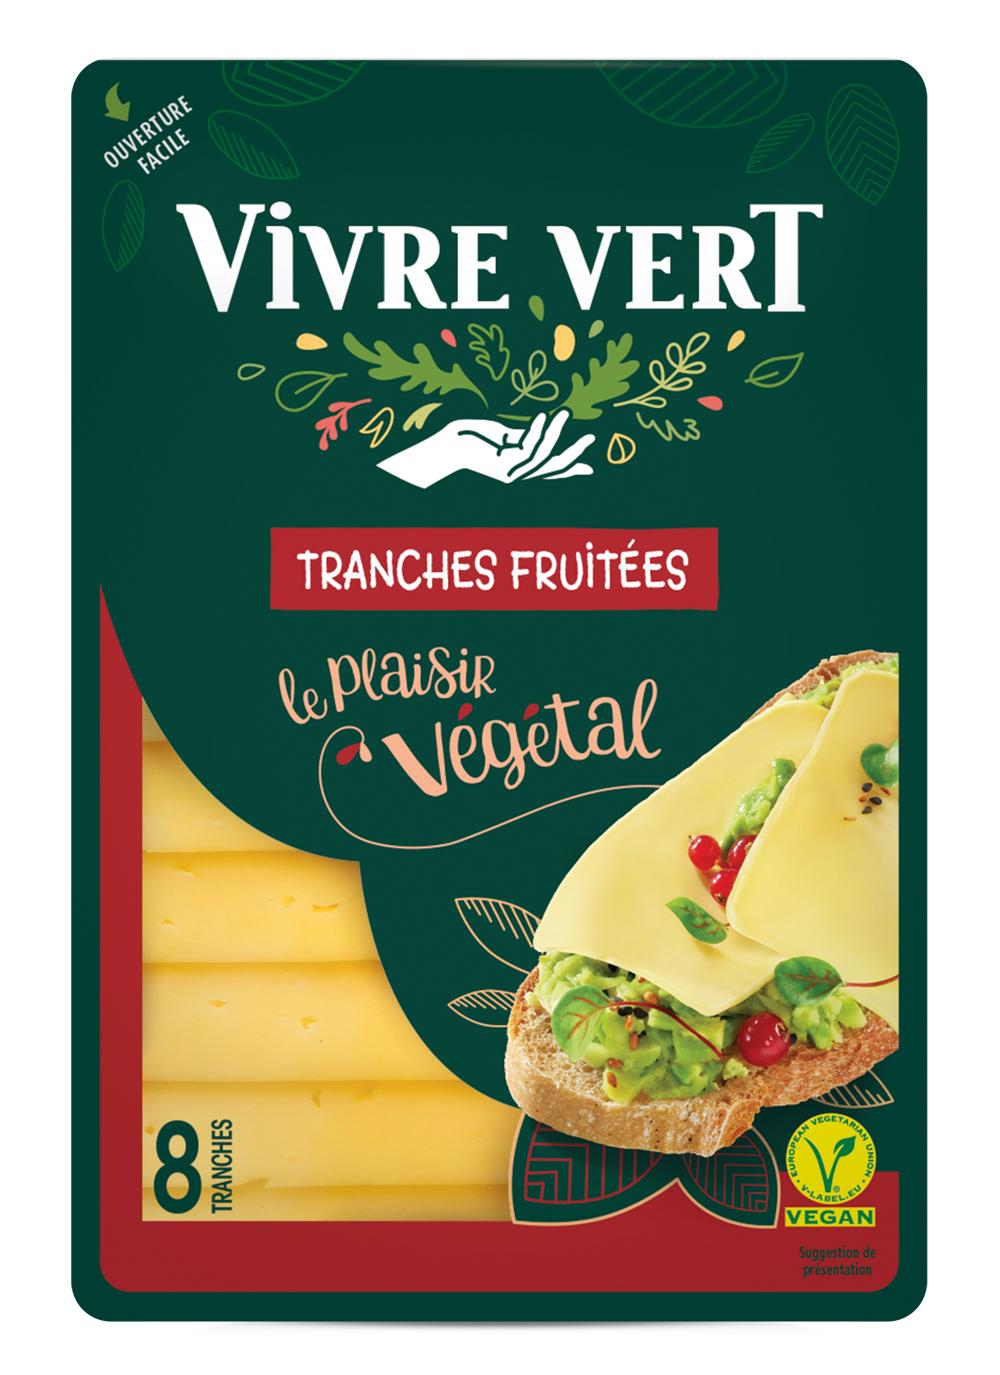 VV 3D tranches - Vivre Vert, le végétal gourmand et engagé au rayon frais